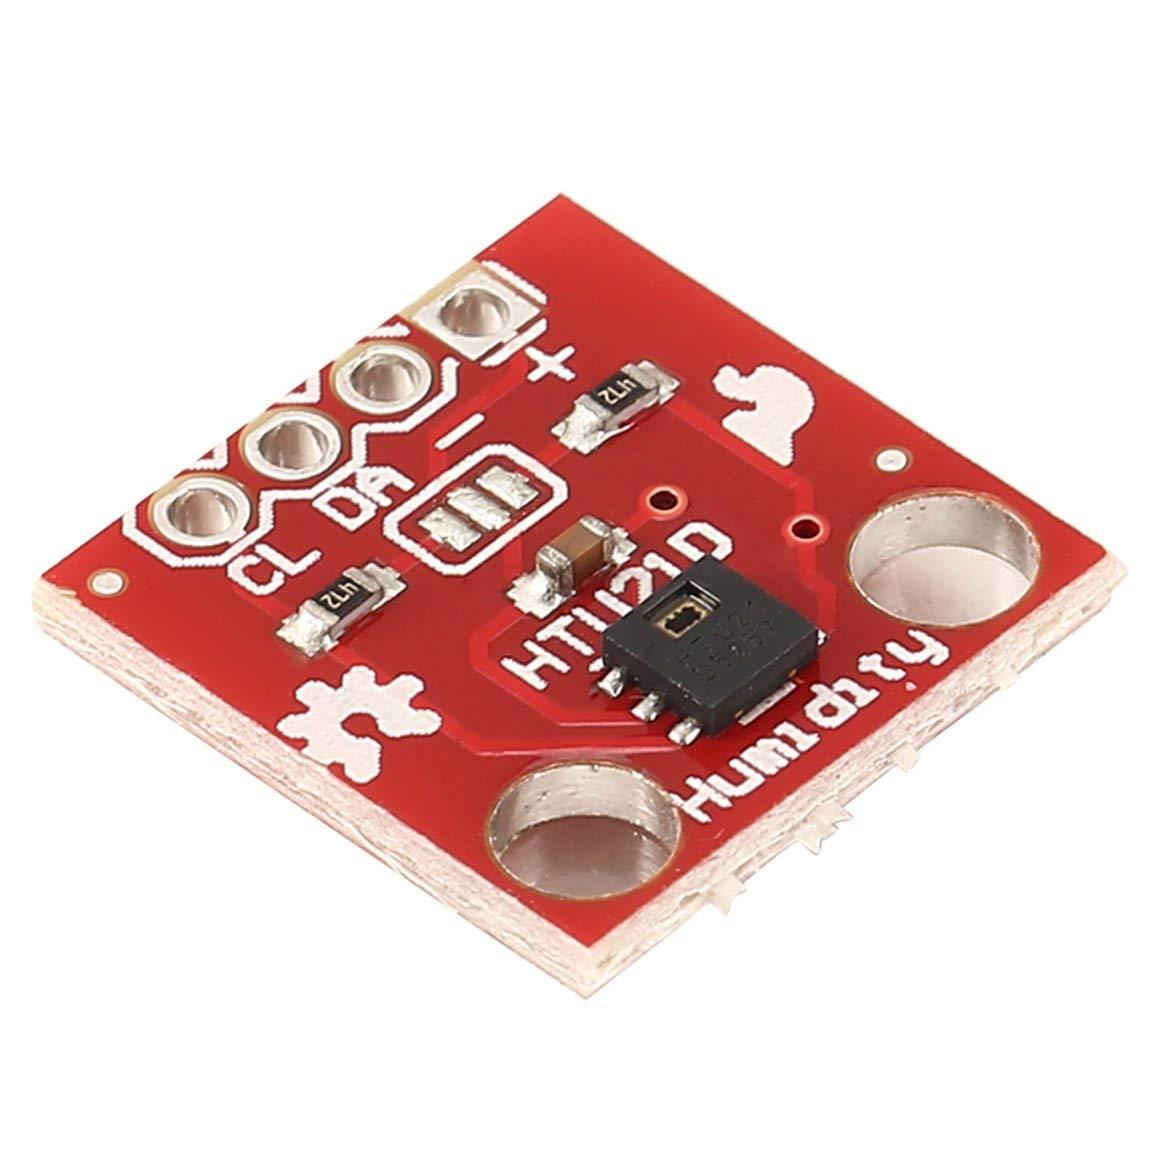 Sensore di temperatura e umidit/à HTU21D Sensore di temperatura Modulo sensore di breakout altamente accurato 1,5 V 3,6 V Rosso